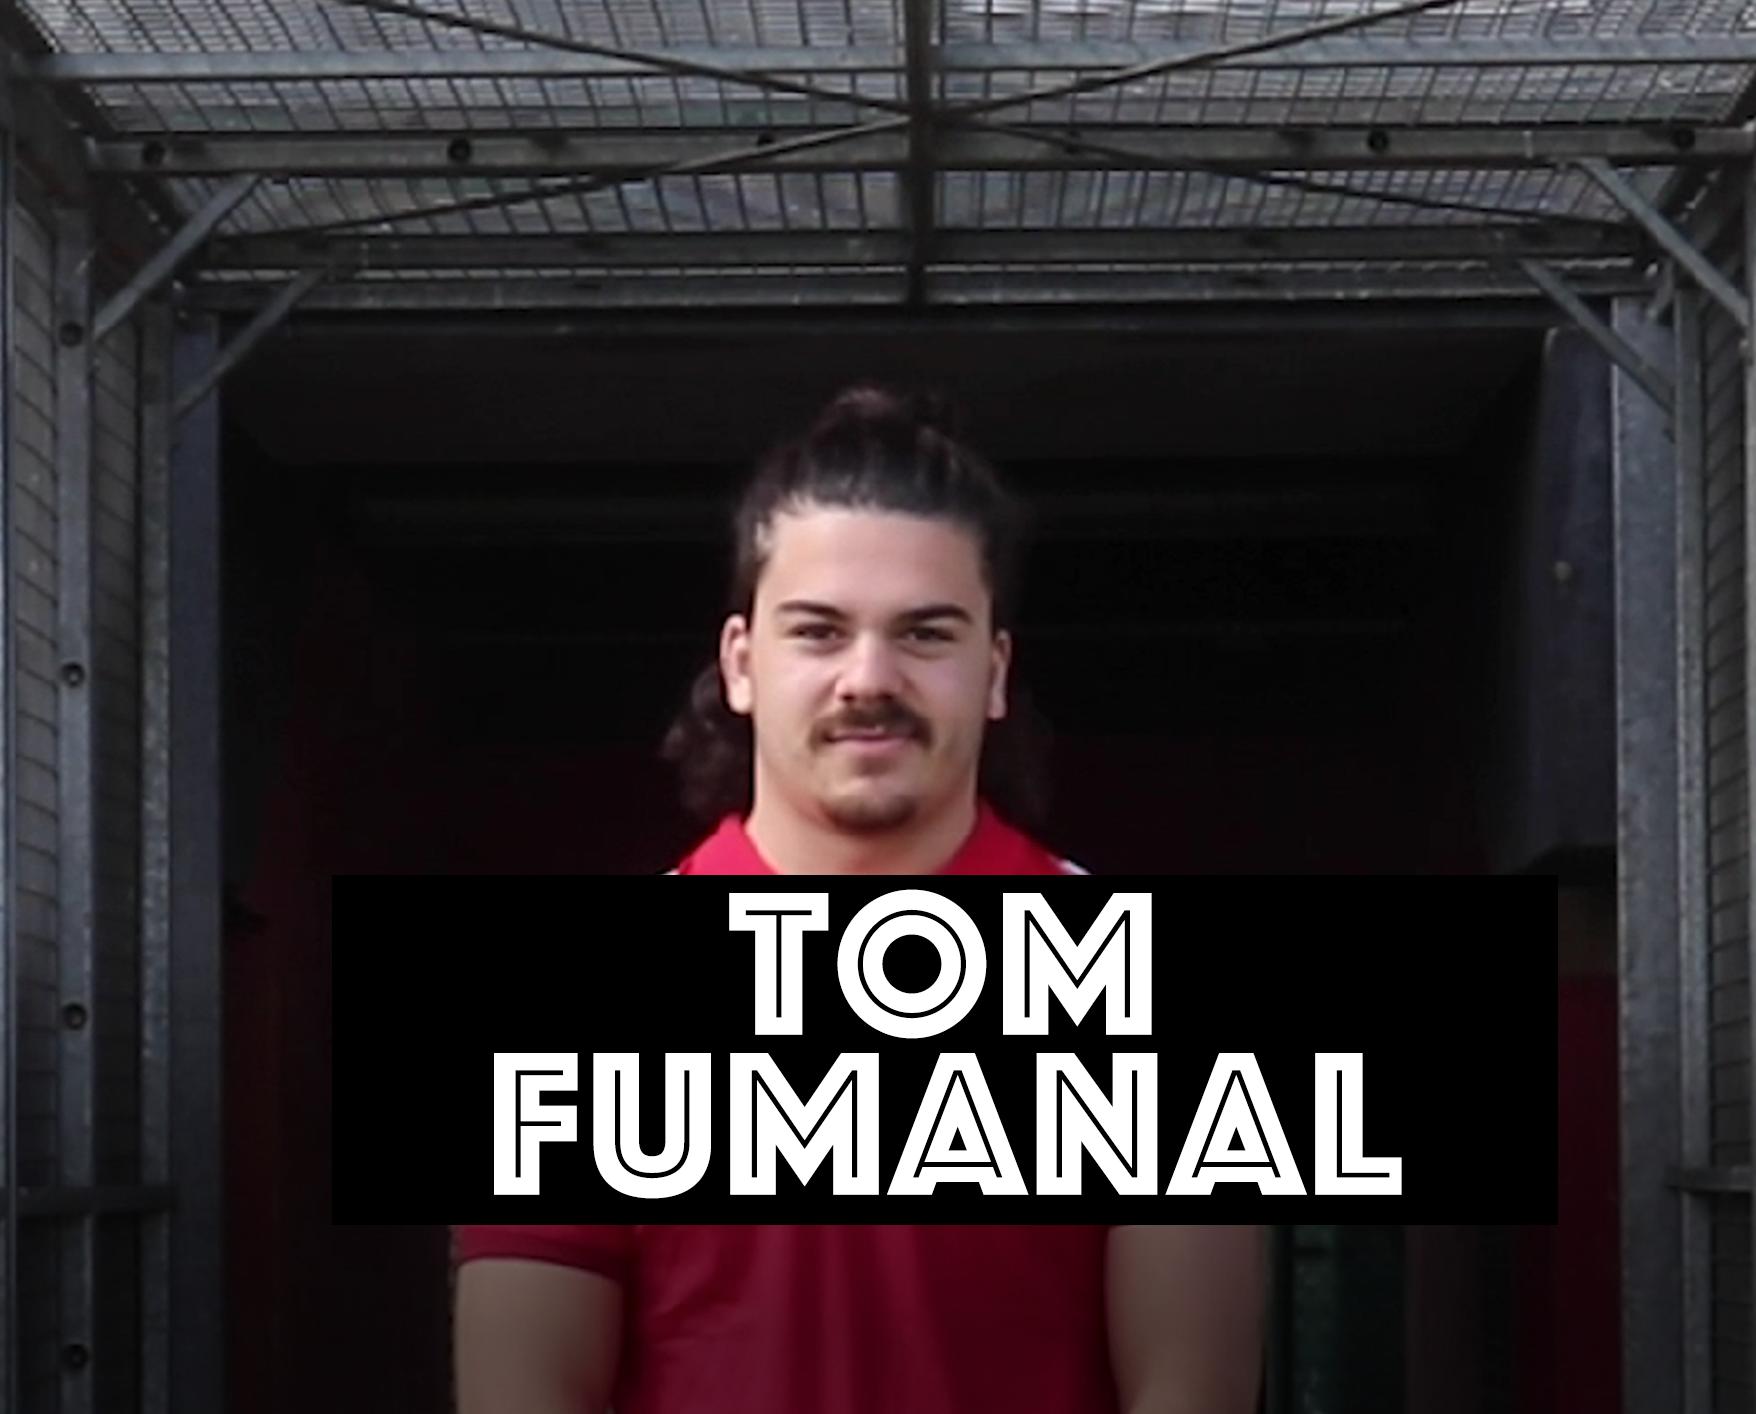 Tom Fumanal retourne à ses premières amours